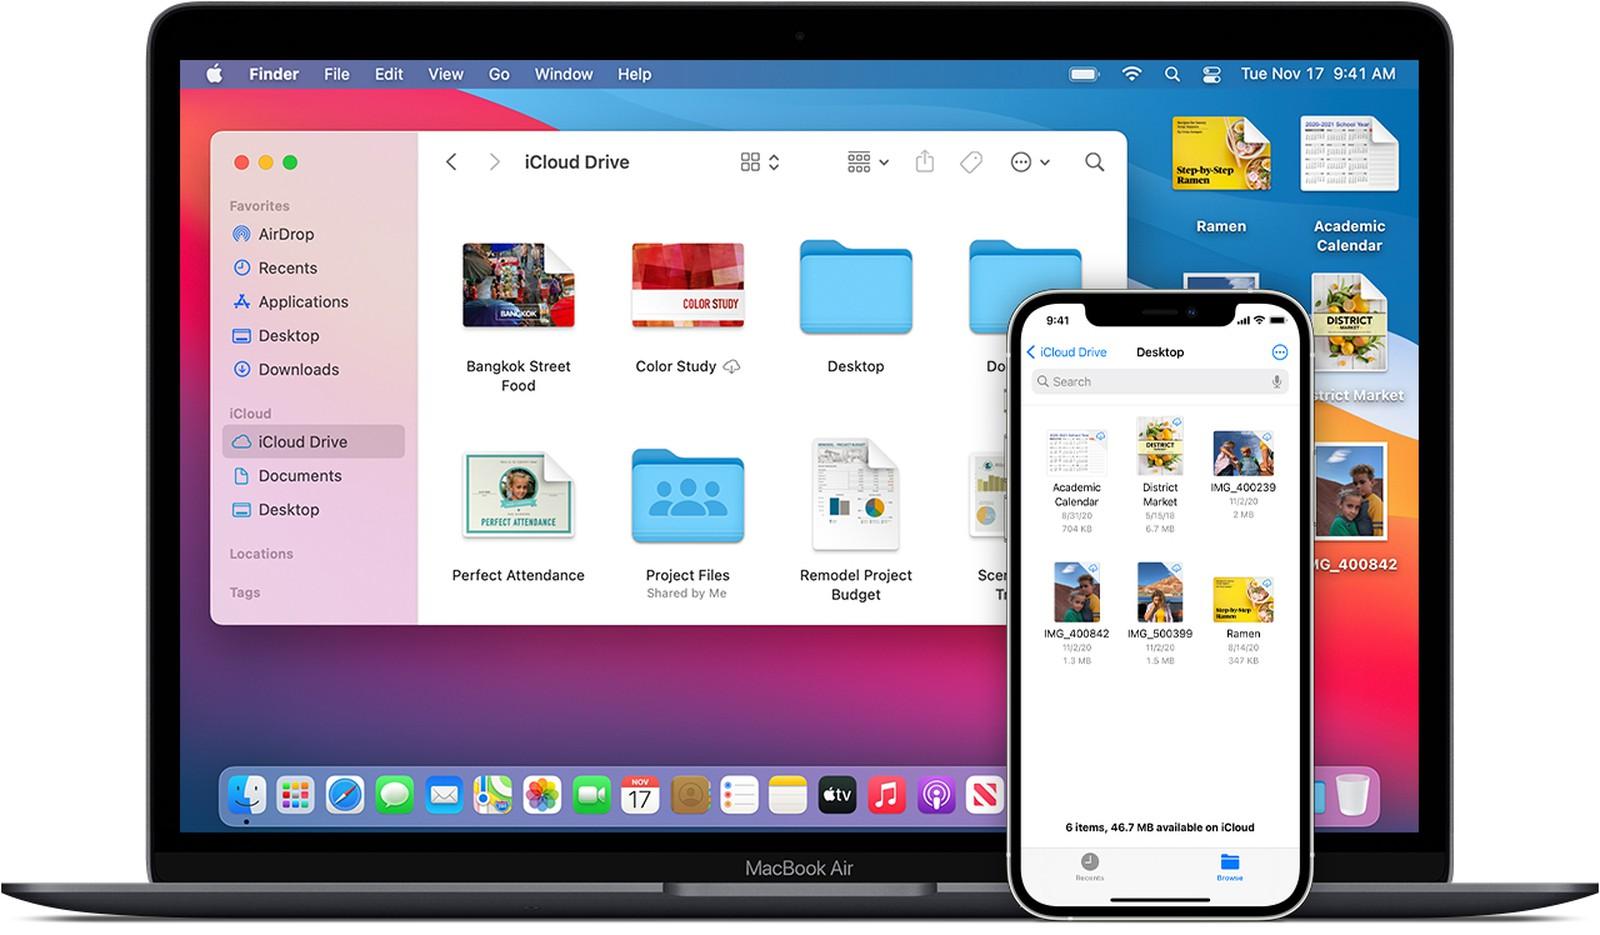 明年5月开始 iCloud文档和数据服务将与iCloud Drive合并